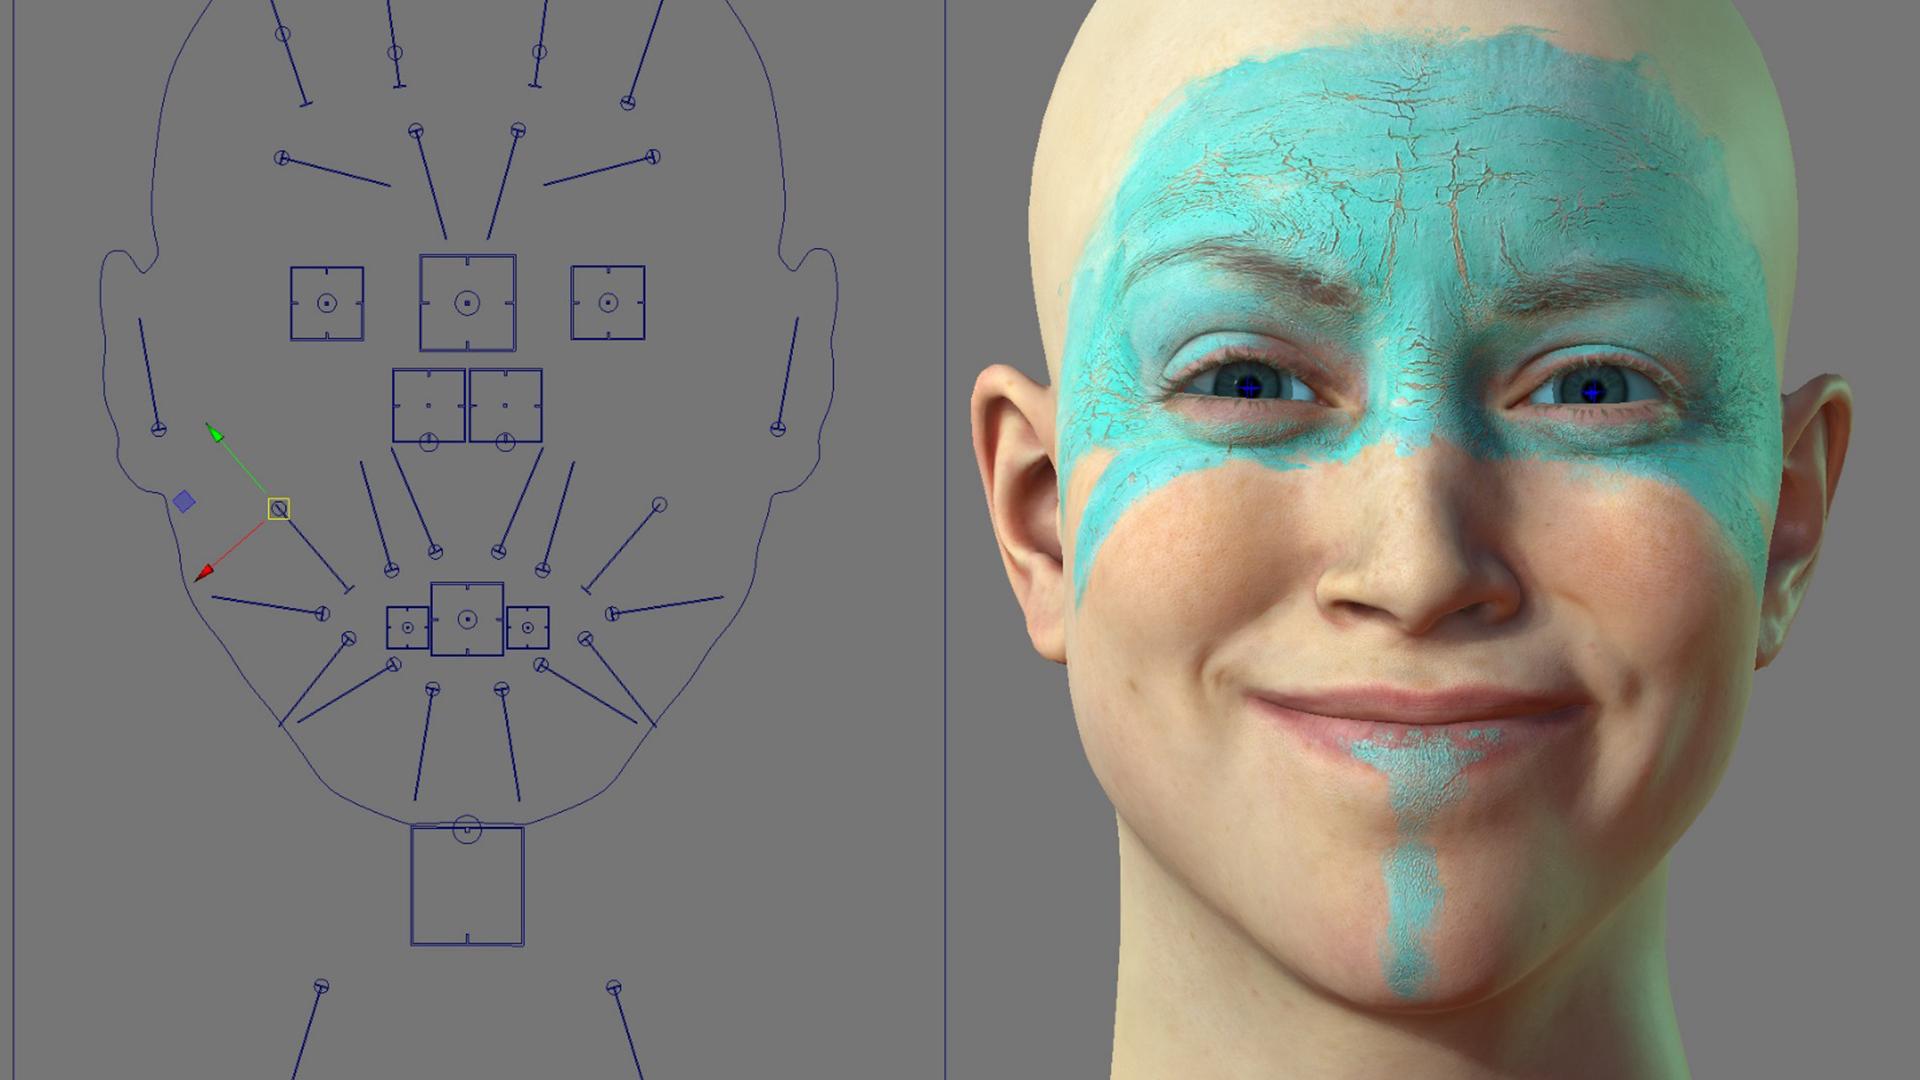 Создание 3D моделей лиц с помощью фото